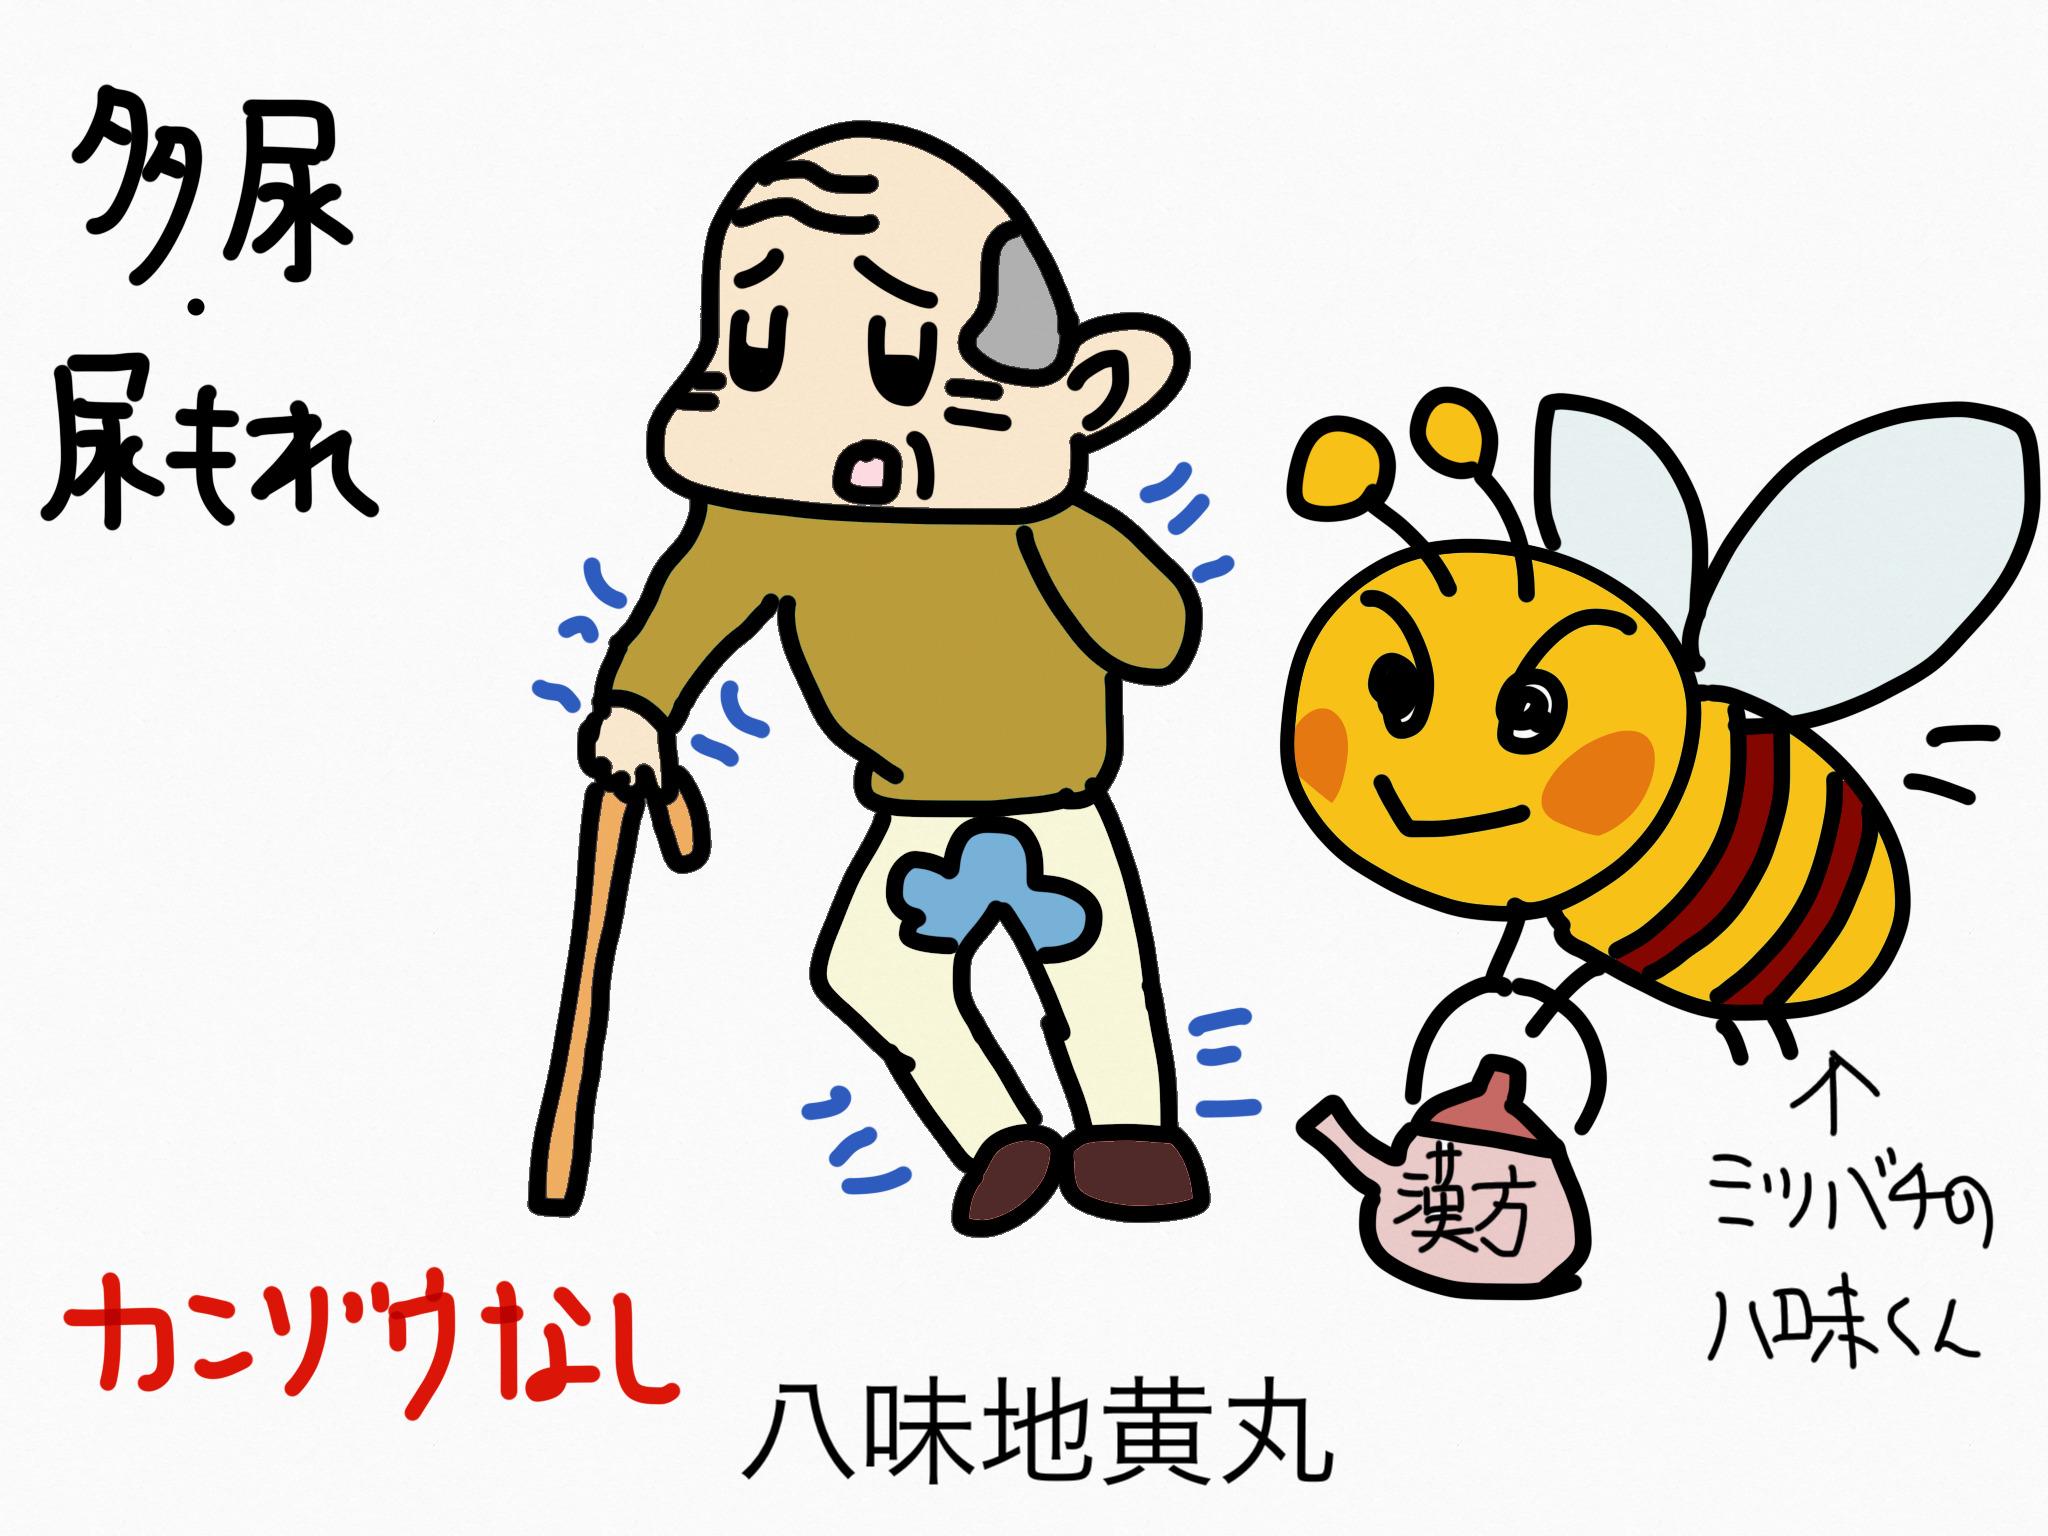 八味地黄丸(はちみじおうがん)[排尿異常]【漢方の覚え方】